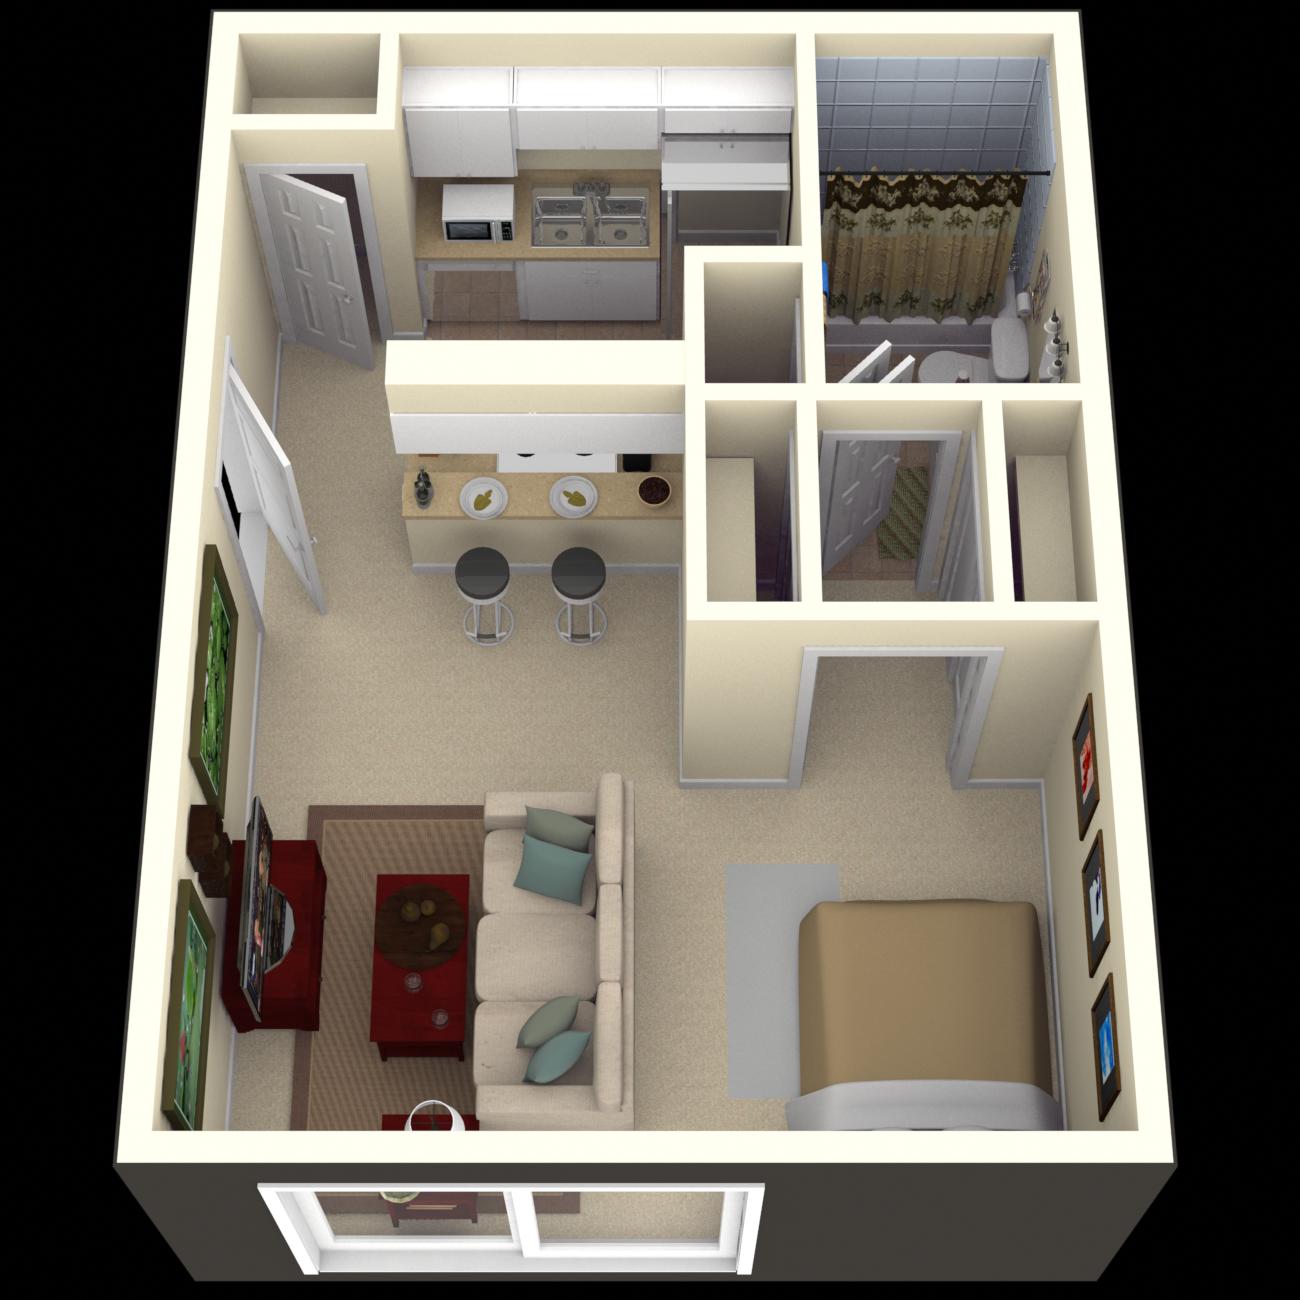 studio 1 2 bedroom apartments in tampa floor plans